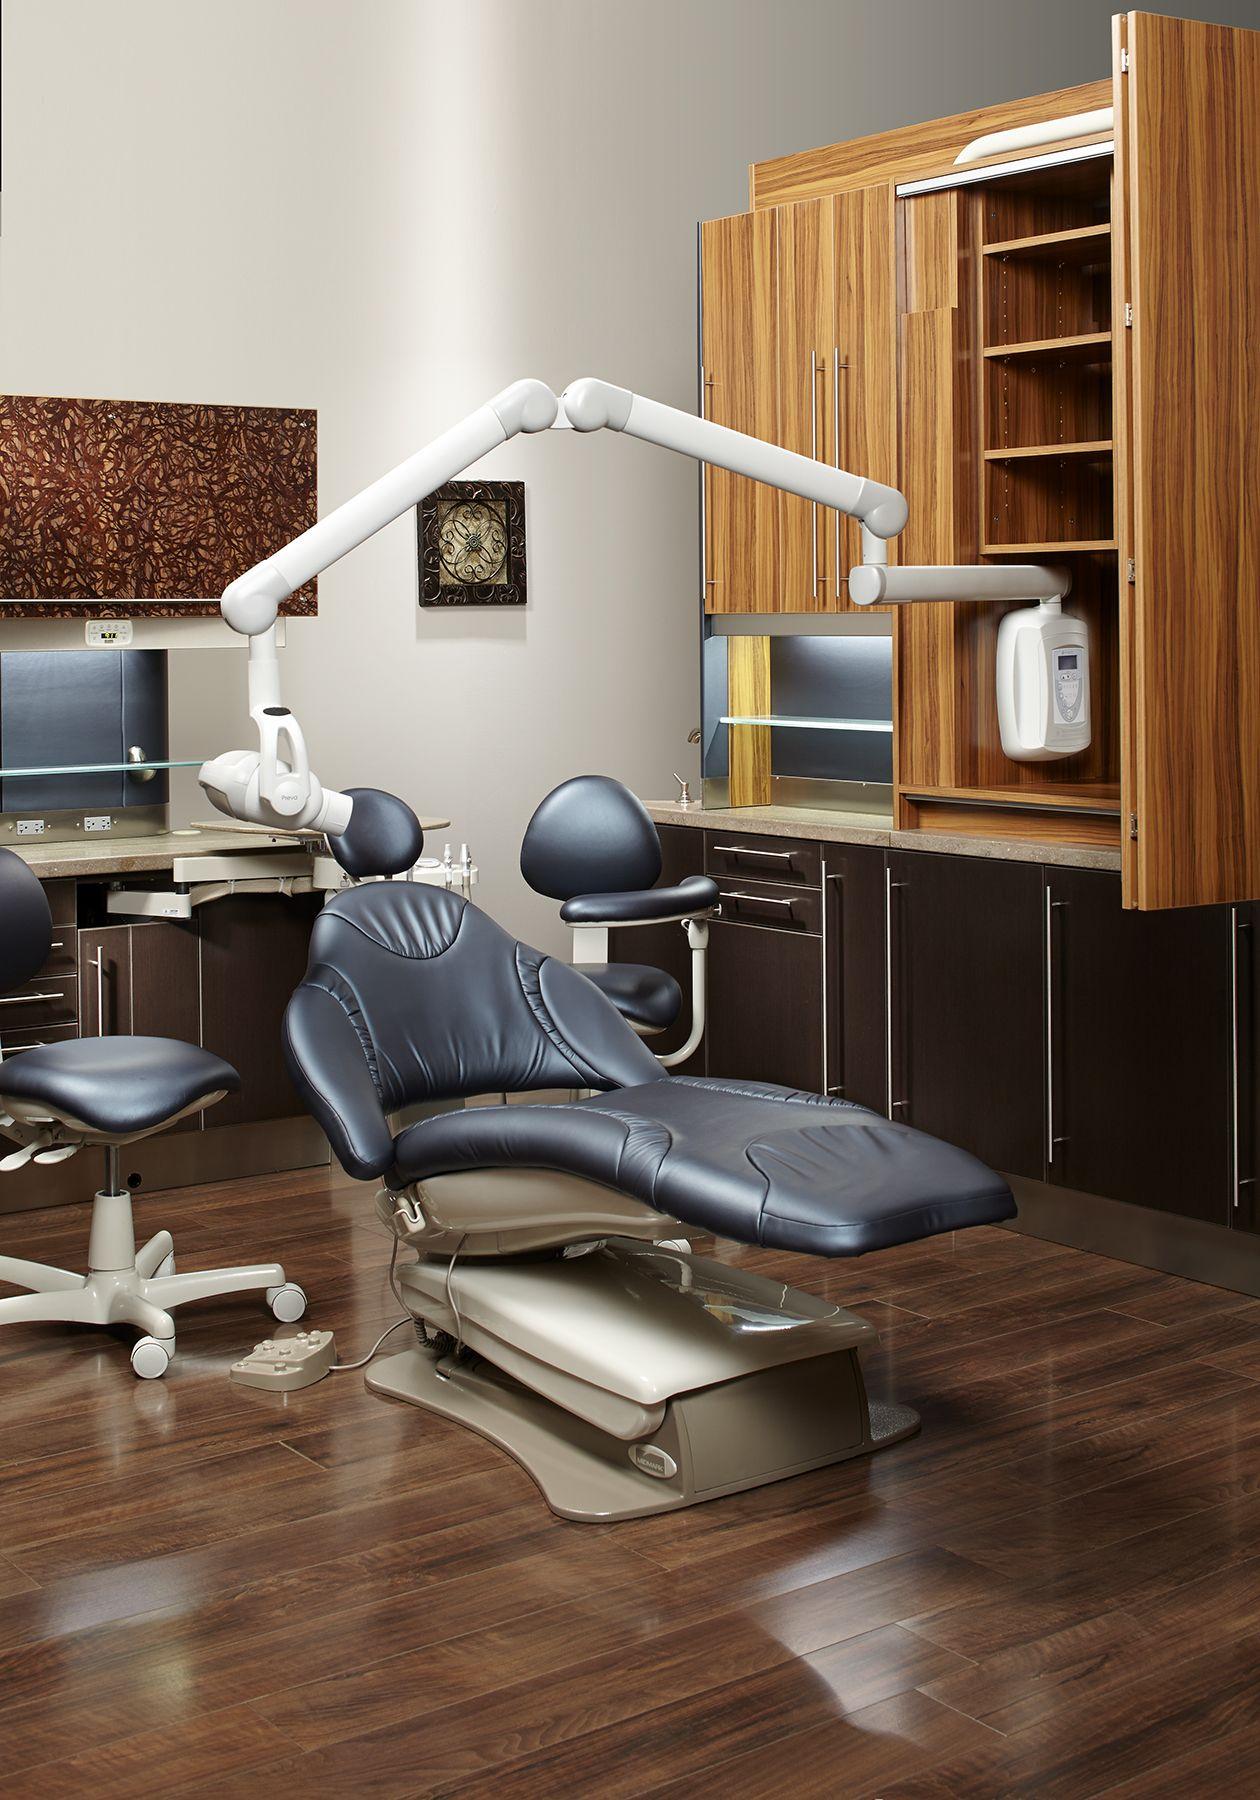 Interieur farbgestaltung des raumes midmark artizan dental cabinetry  einrichten und wohnen  pinterest